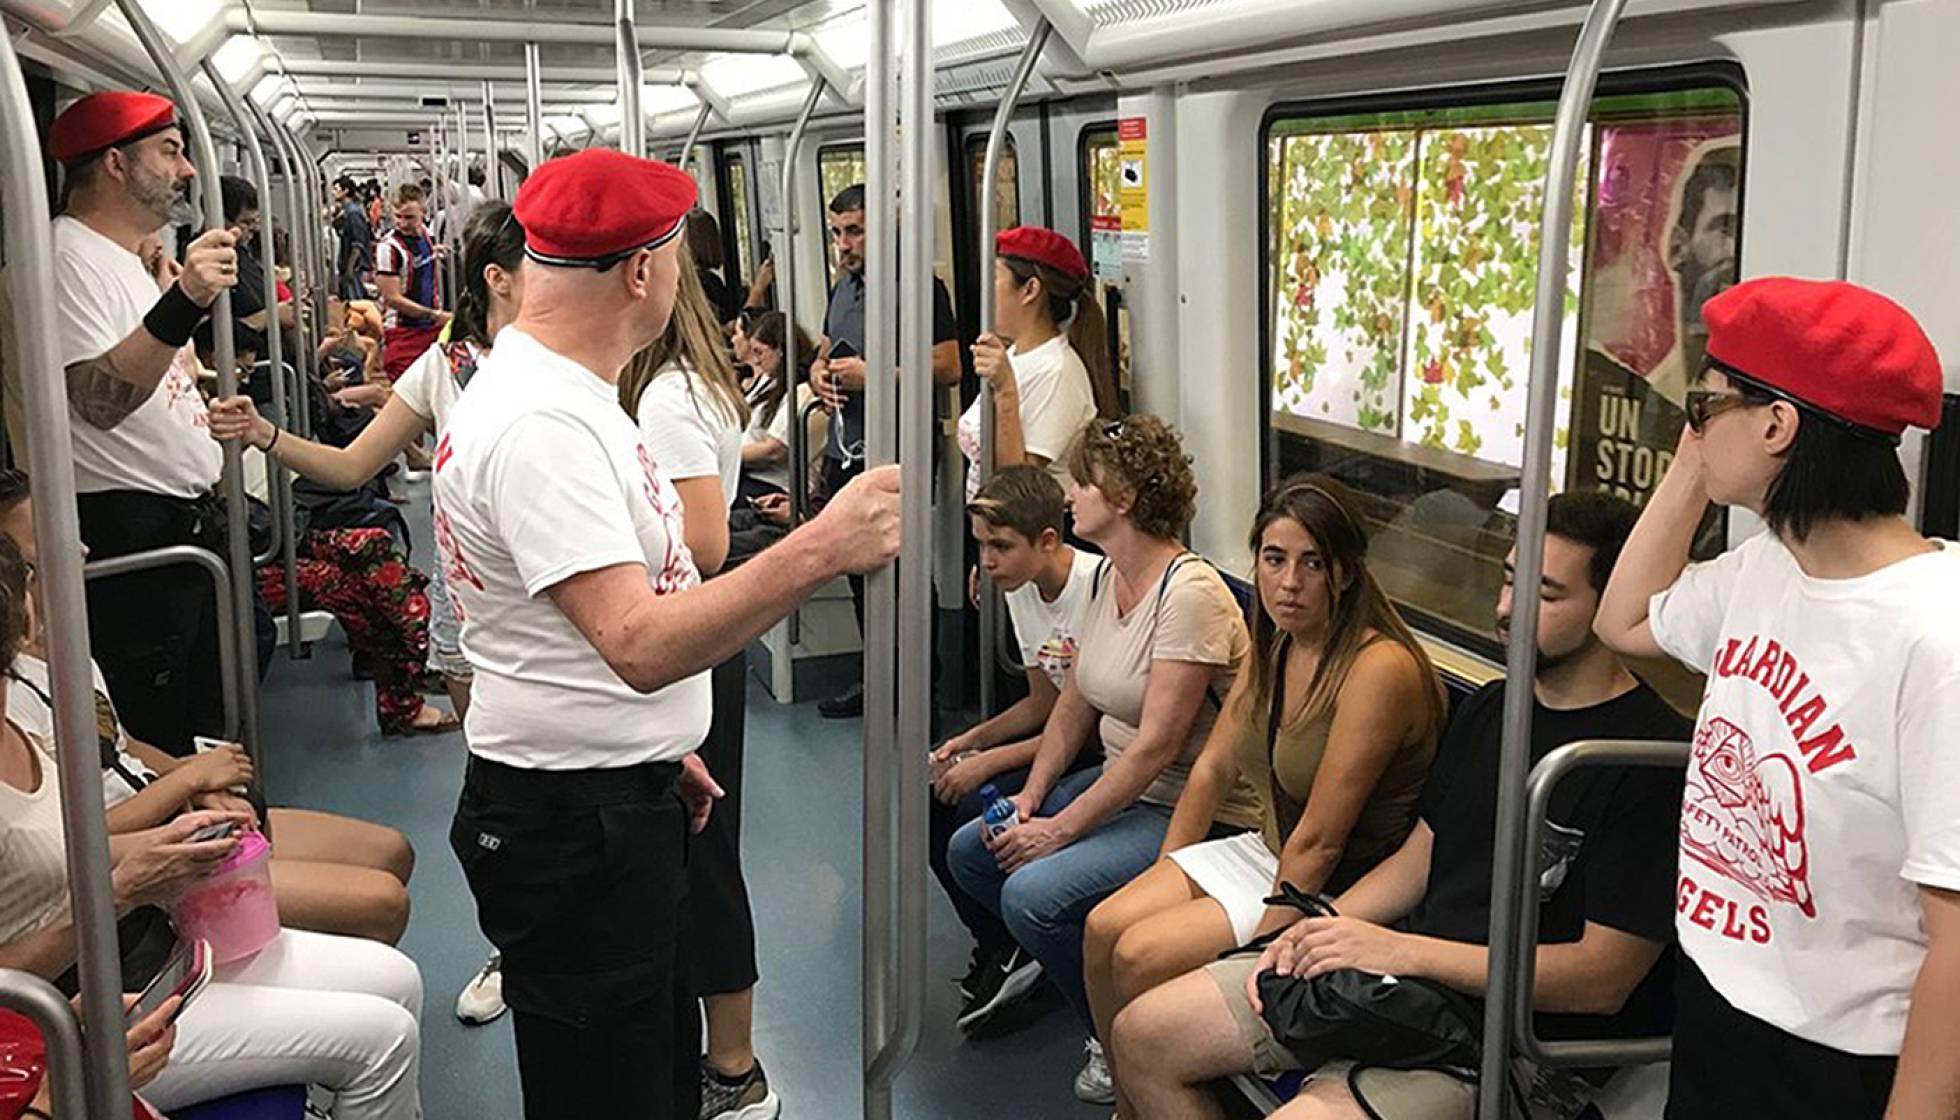 Жители Барселоны организуют патрули для борьбы с карманниками в метро